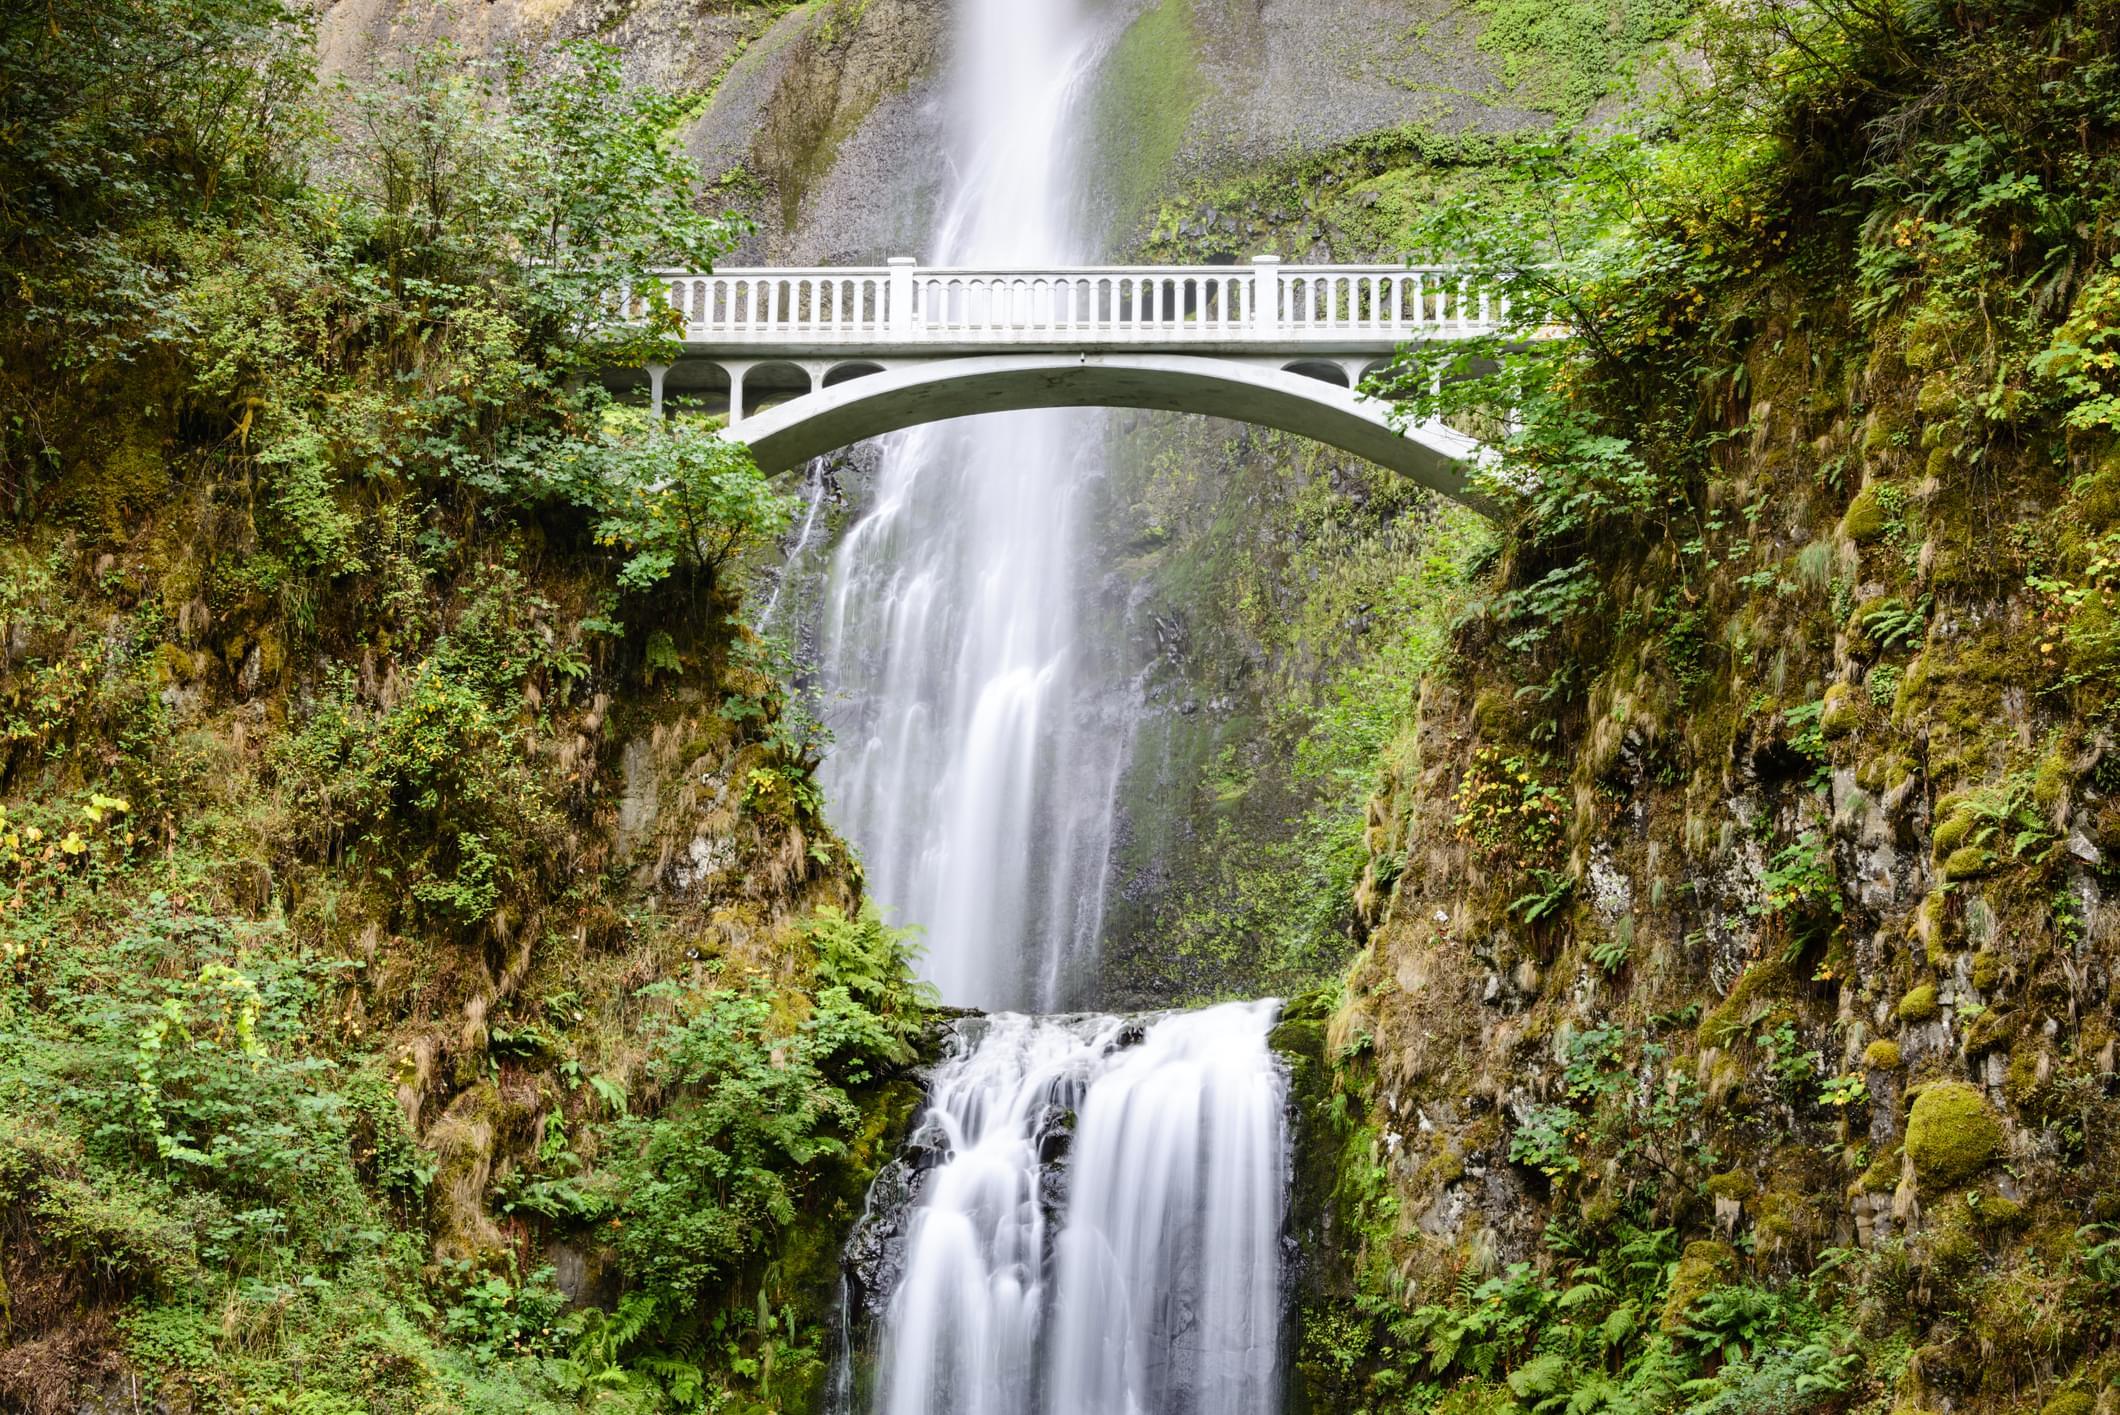 Les chutes Multnomah vues de la route du fleuve Columbia